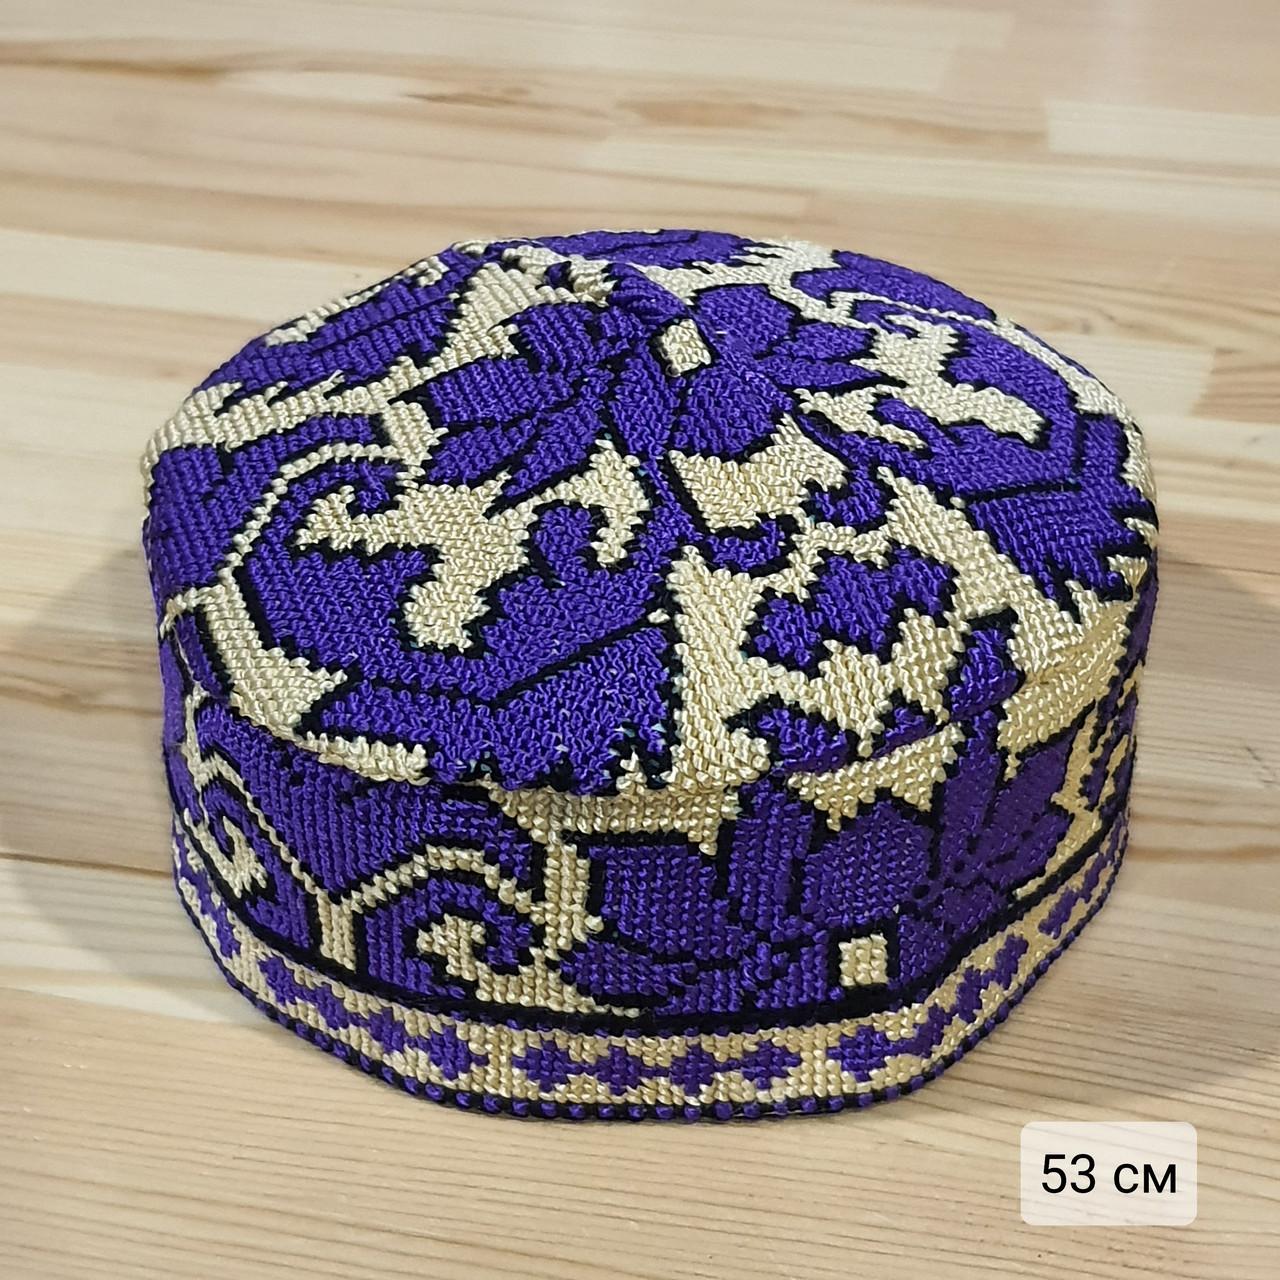 Узбекская тюбетейка 53 см. Ручная вышивка. Узбекистан (53_3)